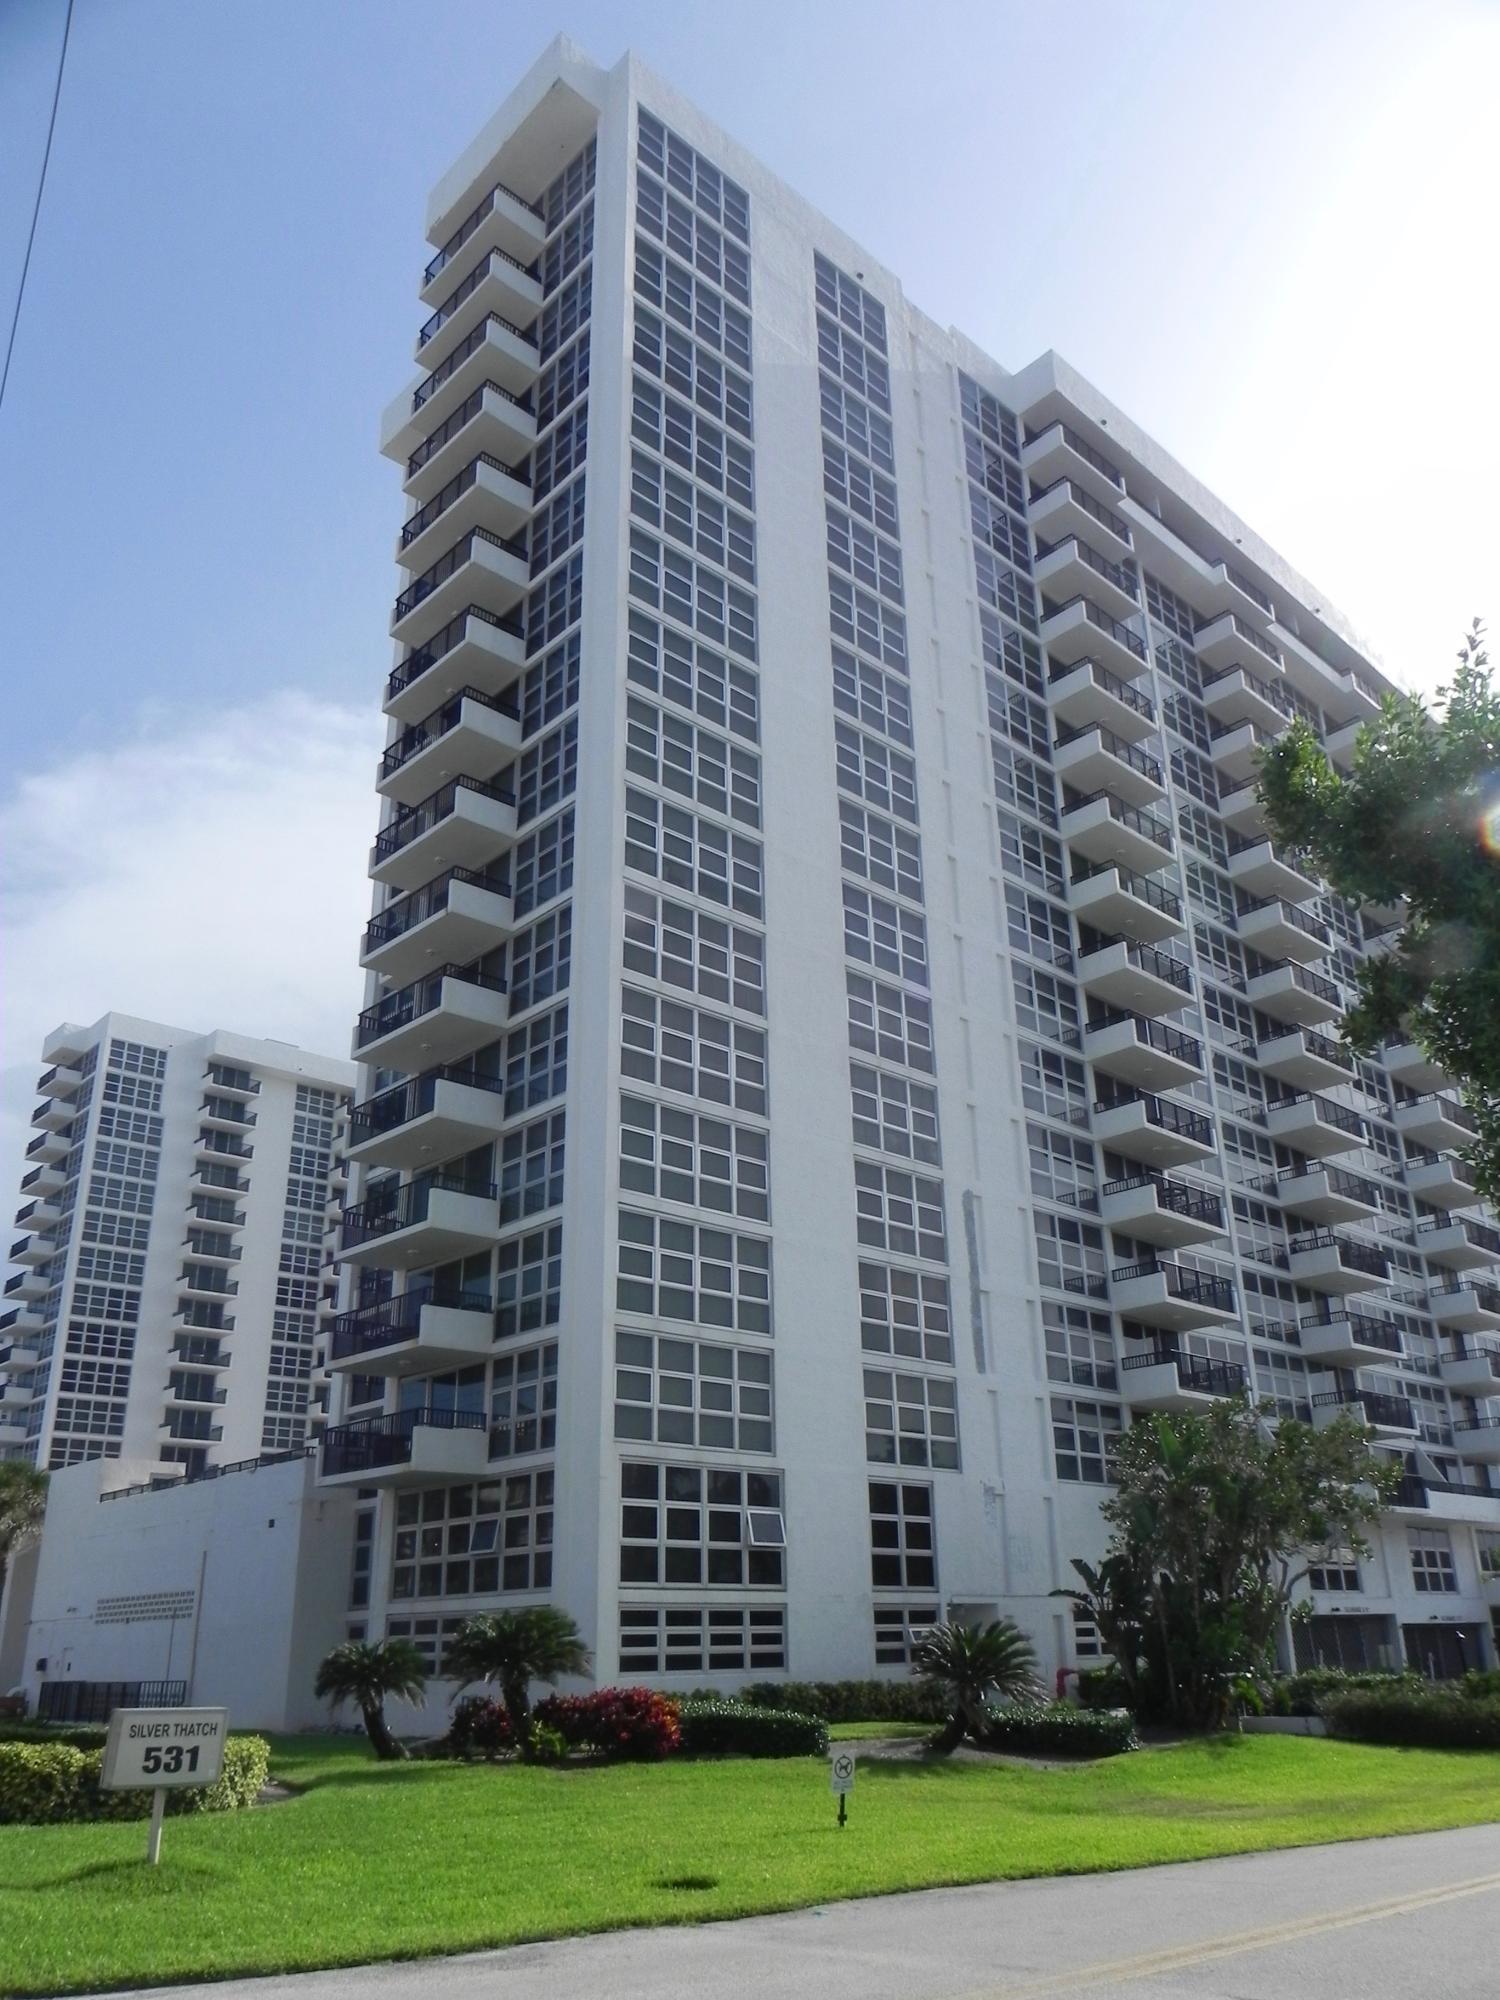 531 Ocean Boulevard, Pompano Beach, Florida 33062, 2 Bedrooms Bedrooms, ,2 BathroomsBathrooms,Condo/Coop,For Sale,Ocean,11,RX-10455320